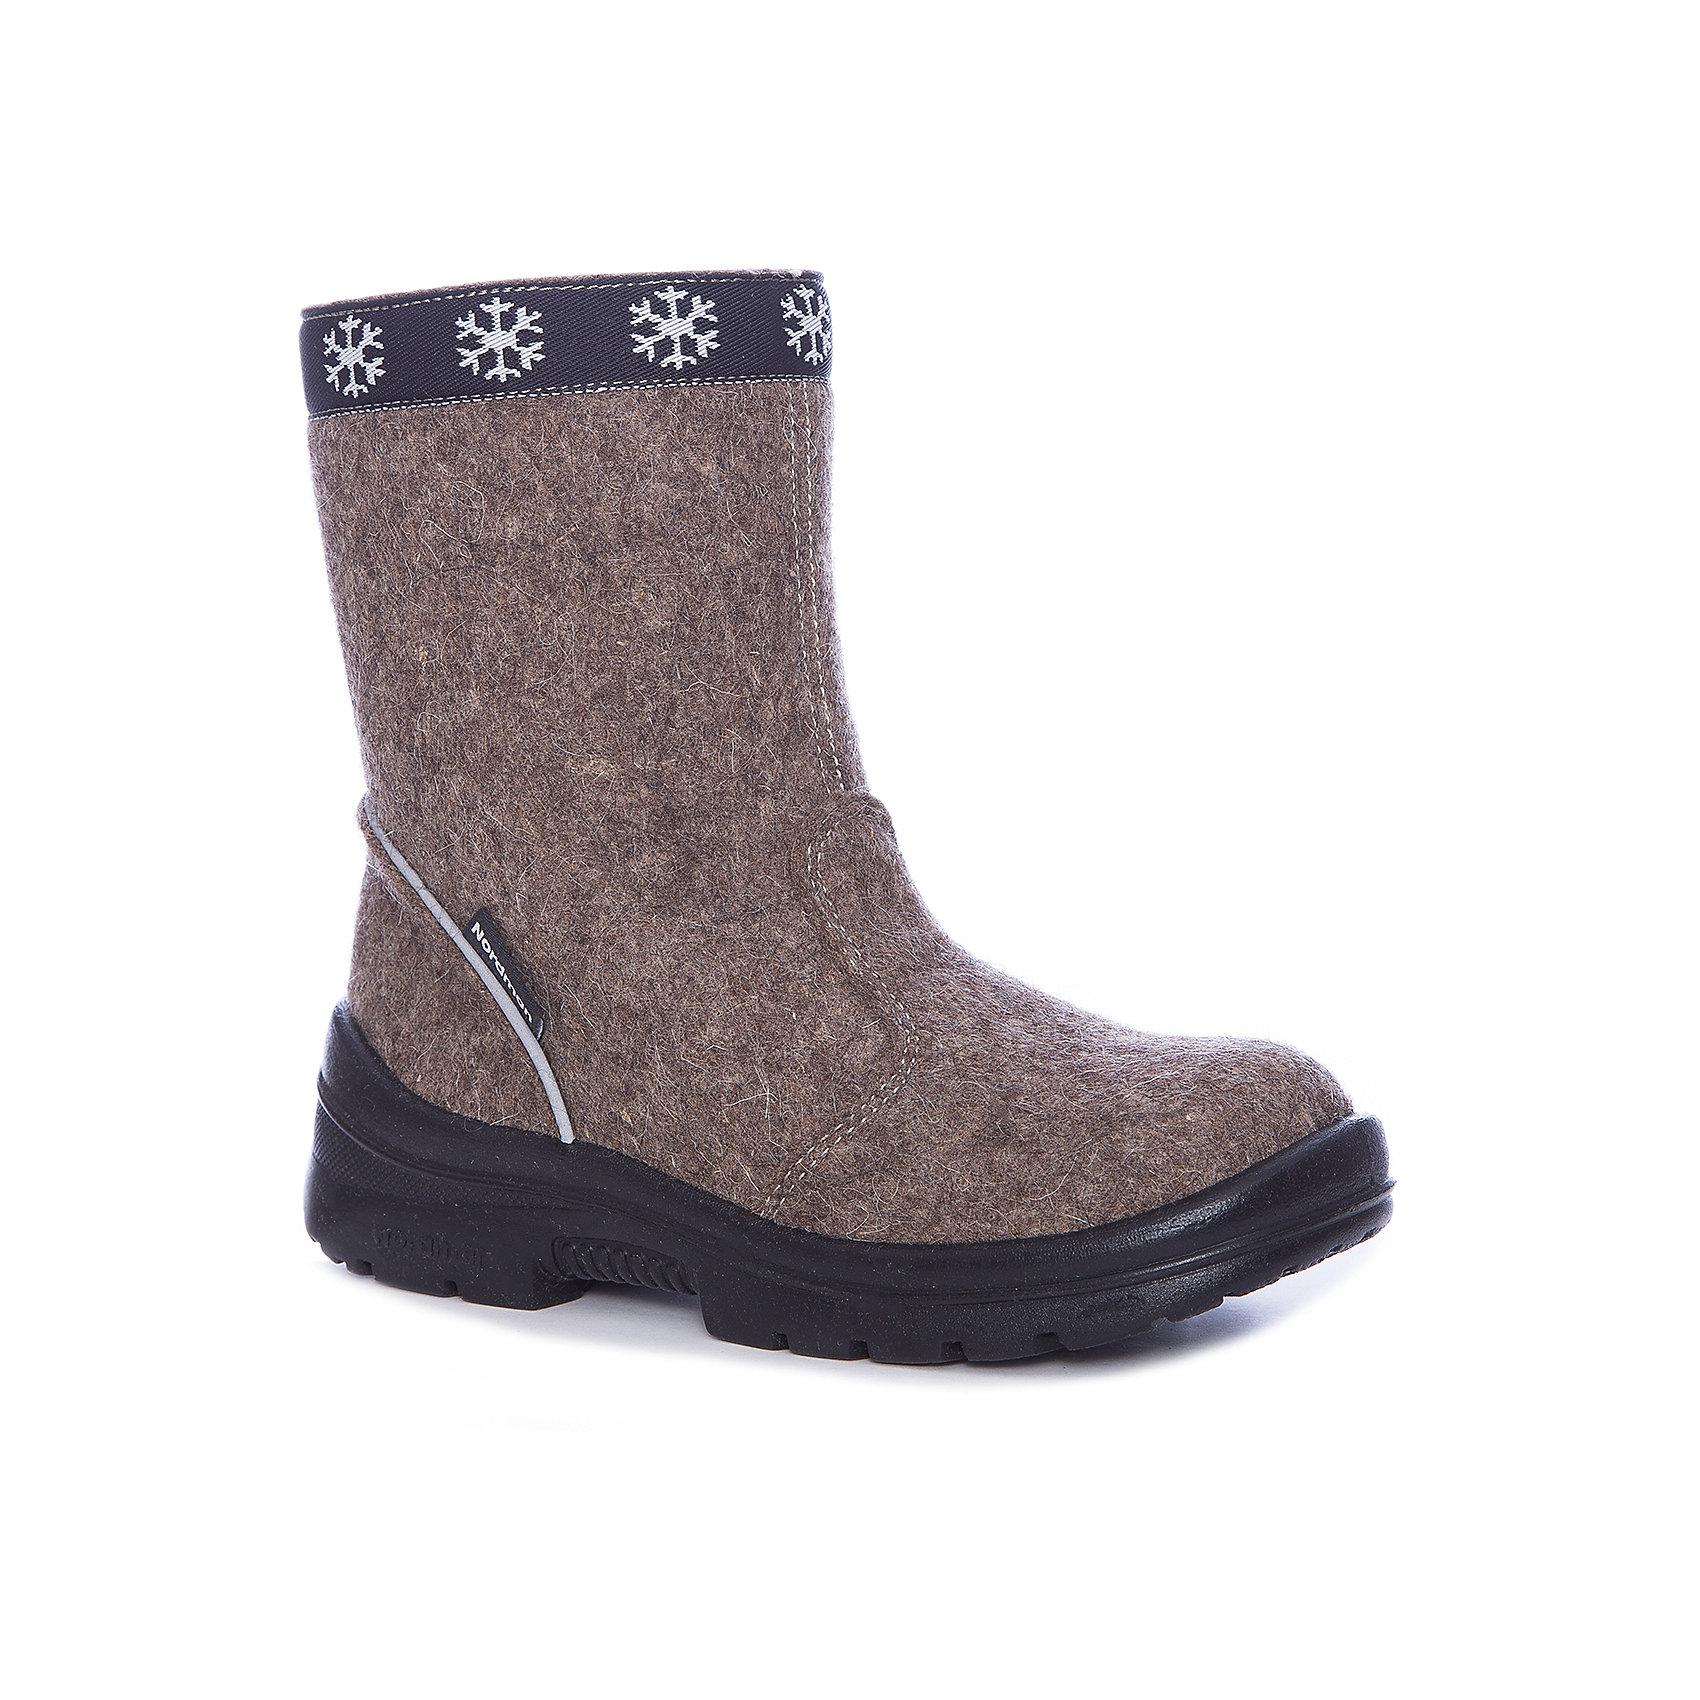 Валенки  NordmanВаленки<br>Характеристики товара:<br><br>• цвет: коричневый<br>• материал верха: текстиль (войлок)<br>• подклад: шерстяной мех<br>• стелька: шерстяной мех<br>• подошва: полиуретан<br>• сезон: зима<br>• температурный режим: от 0 до -30<br>• застежка: молния<br>• защита мыса<br>• подошва не скользит<br>• анатомические <br>• страна бренда: Россия<br>• страна изготовитель: Россия<br><br>Валенки Nordman позволяют сохранить ноги в тепле, а литая высокая полиуретановая подошва одновременно не дать им промокнуть и обеспечивает дополнительную защиту от холода. Такая обувь отлично подходит для морозной зимы. <br><br>Антискользящий протектор позволяет детям увереннее держаться на ногах даже в гололед. Меховая подкладка обеспечивает комфортные условия для ног благодаря способности материала впитывать влагу. Стелька из меха легко вынимается и быстро сохнет.<br><br>Валенки Nordman (Нордман) можно купить в нашем интернет-магазине.<br><br>Ширина мм: 257<br>Глубина мм: 180<br>Высота мм: 130<br>Вес г: 420<br>Цвет: коричневый<br>Возраст от месяцев: 132<br>Возраст до месяцев: 144<br>Пол: Унисекс<br>Возраст: Детский<br>Размер: 35,27,28,29,30,31,32,33,34<br>SKU: 6867323